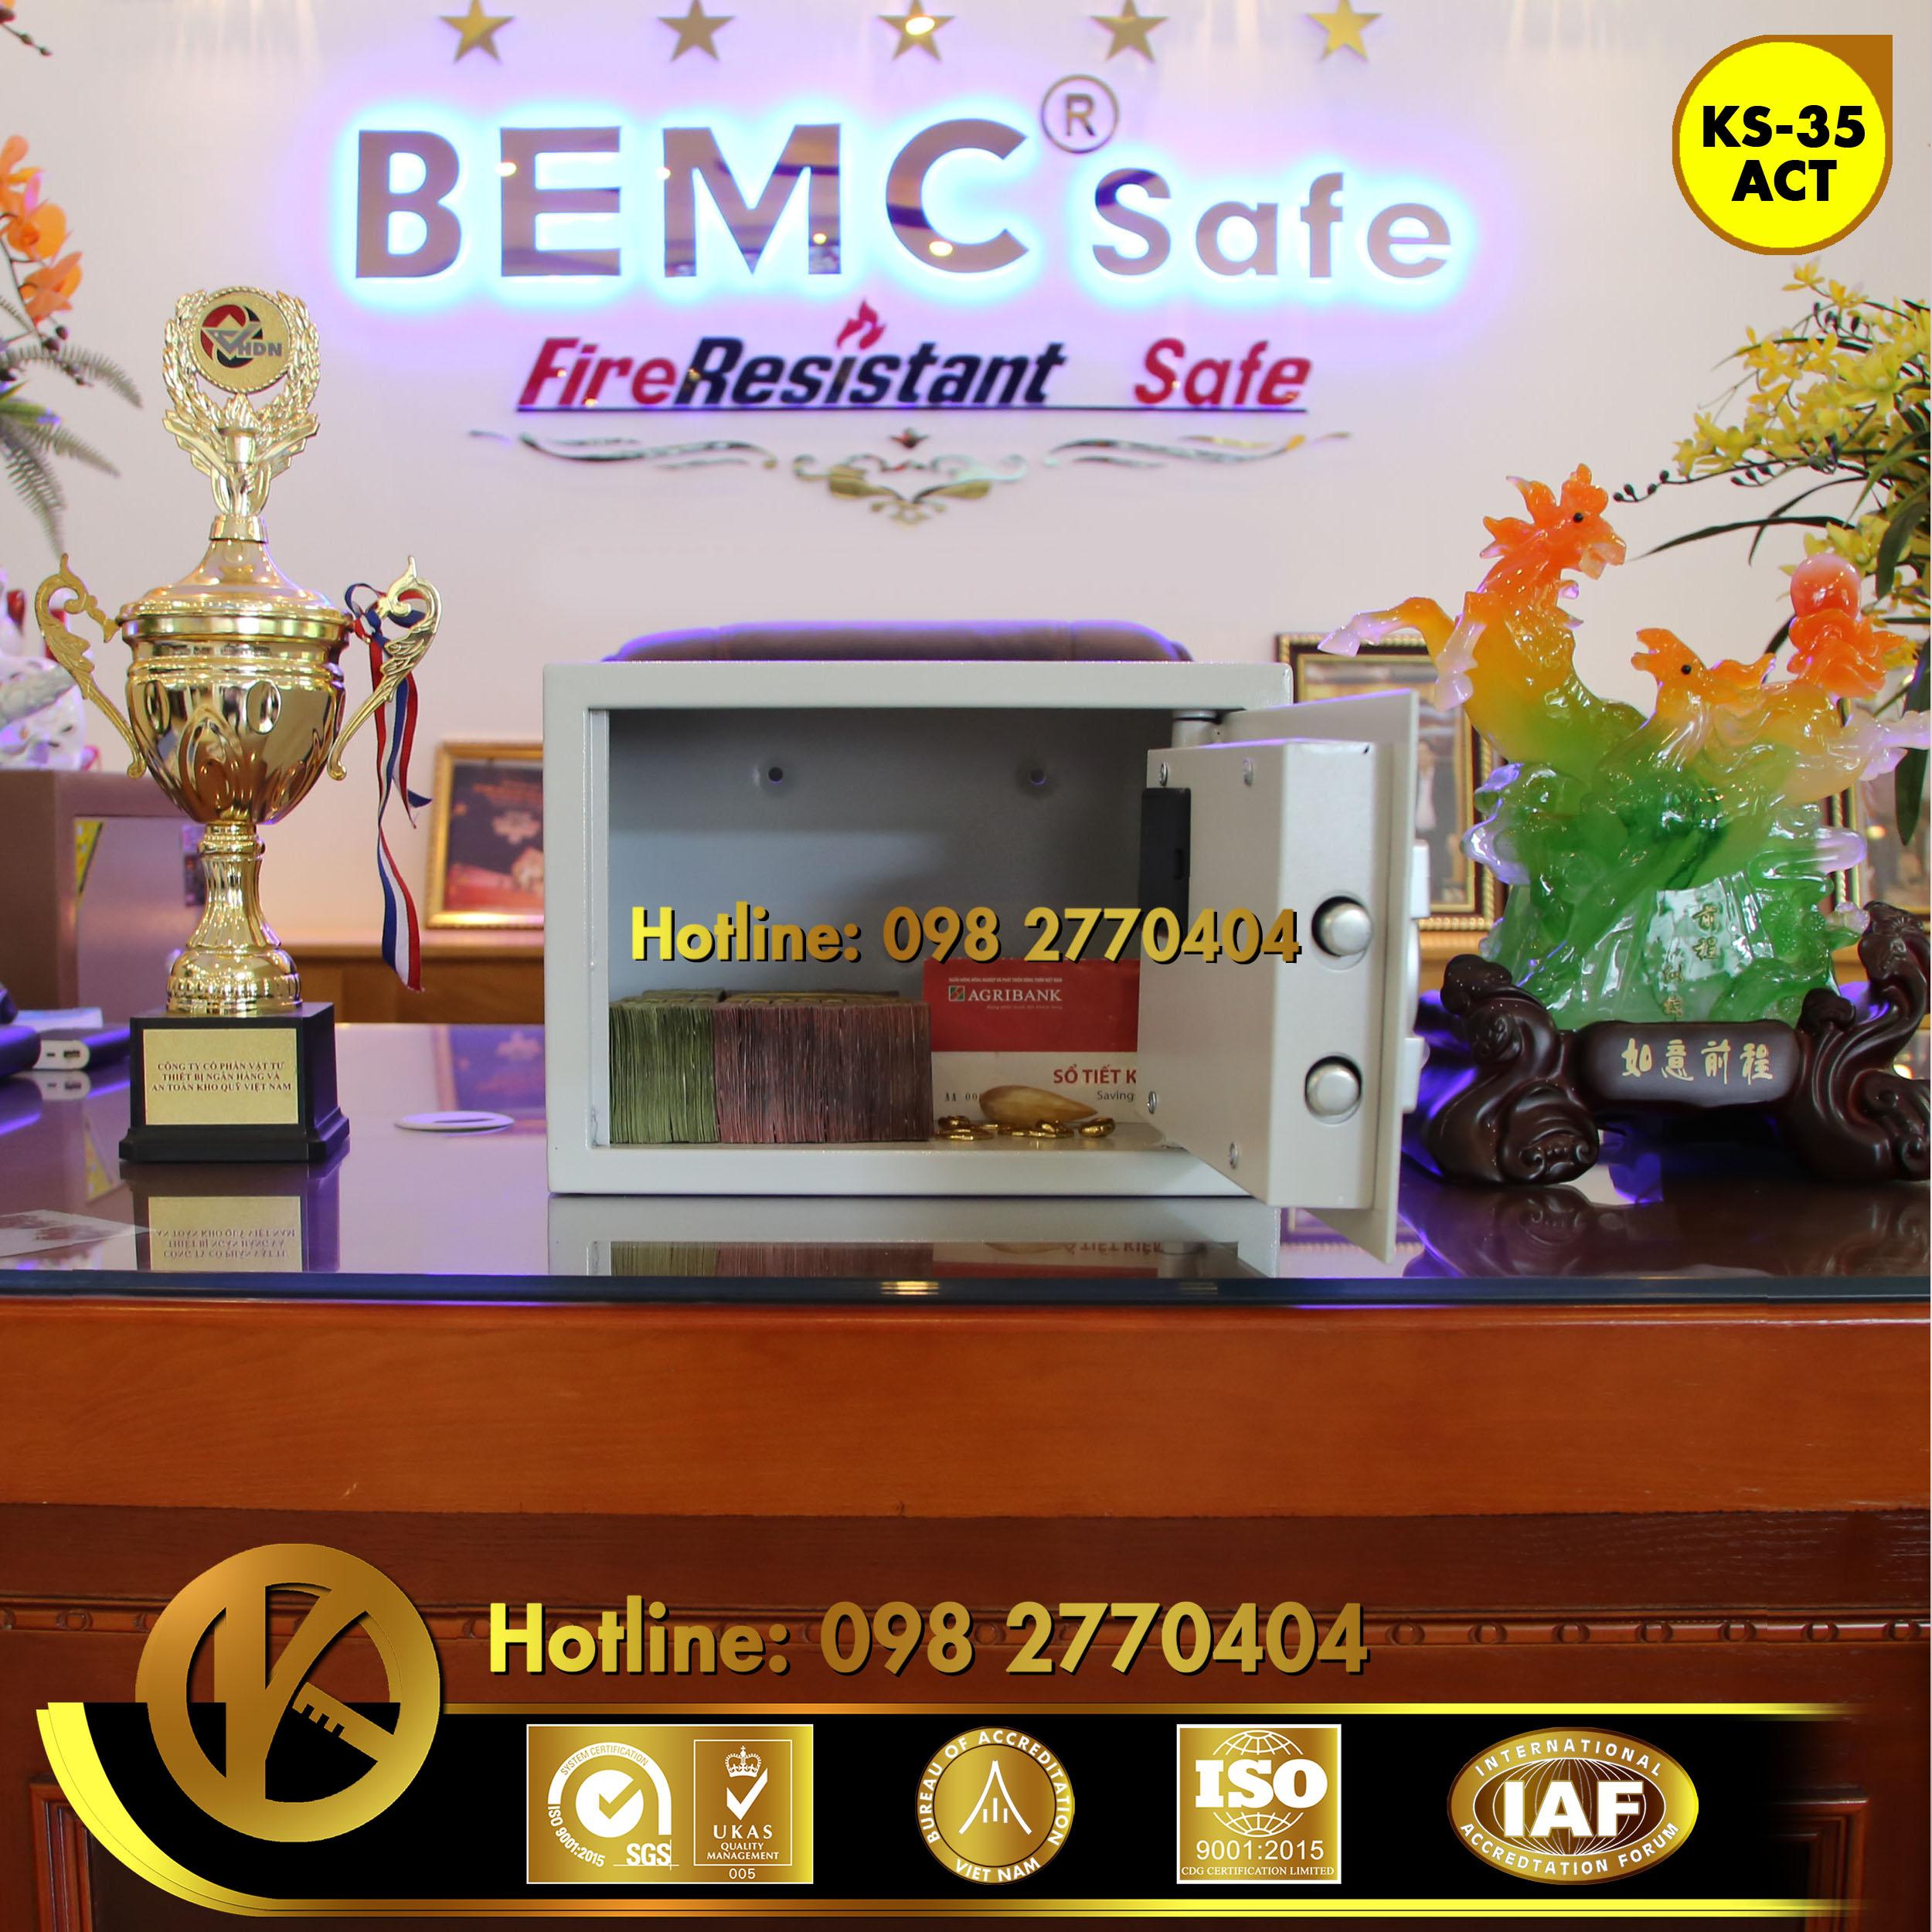 nhà cung cấp két sắt khách sạn WELKO Hotel Safe Eo Gió Bình Định